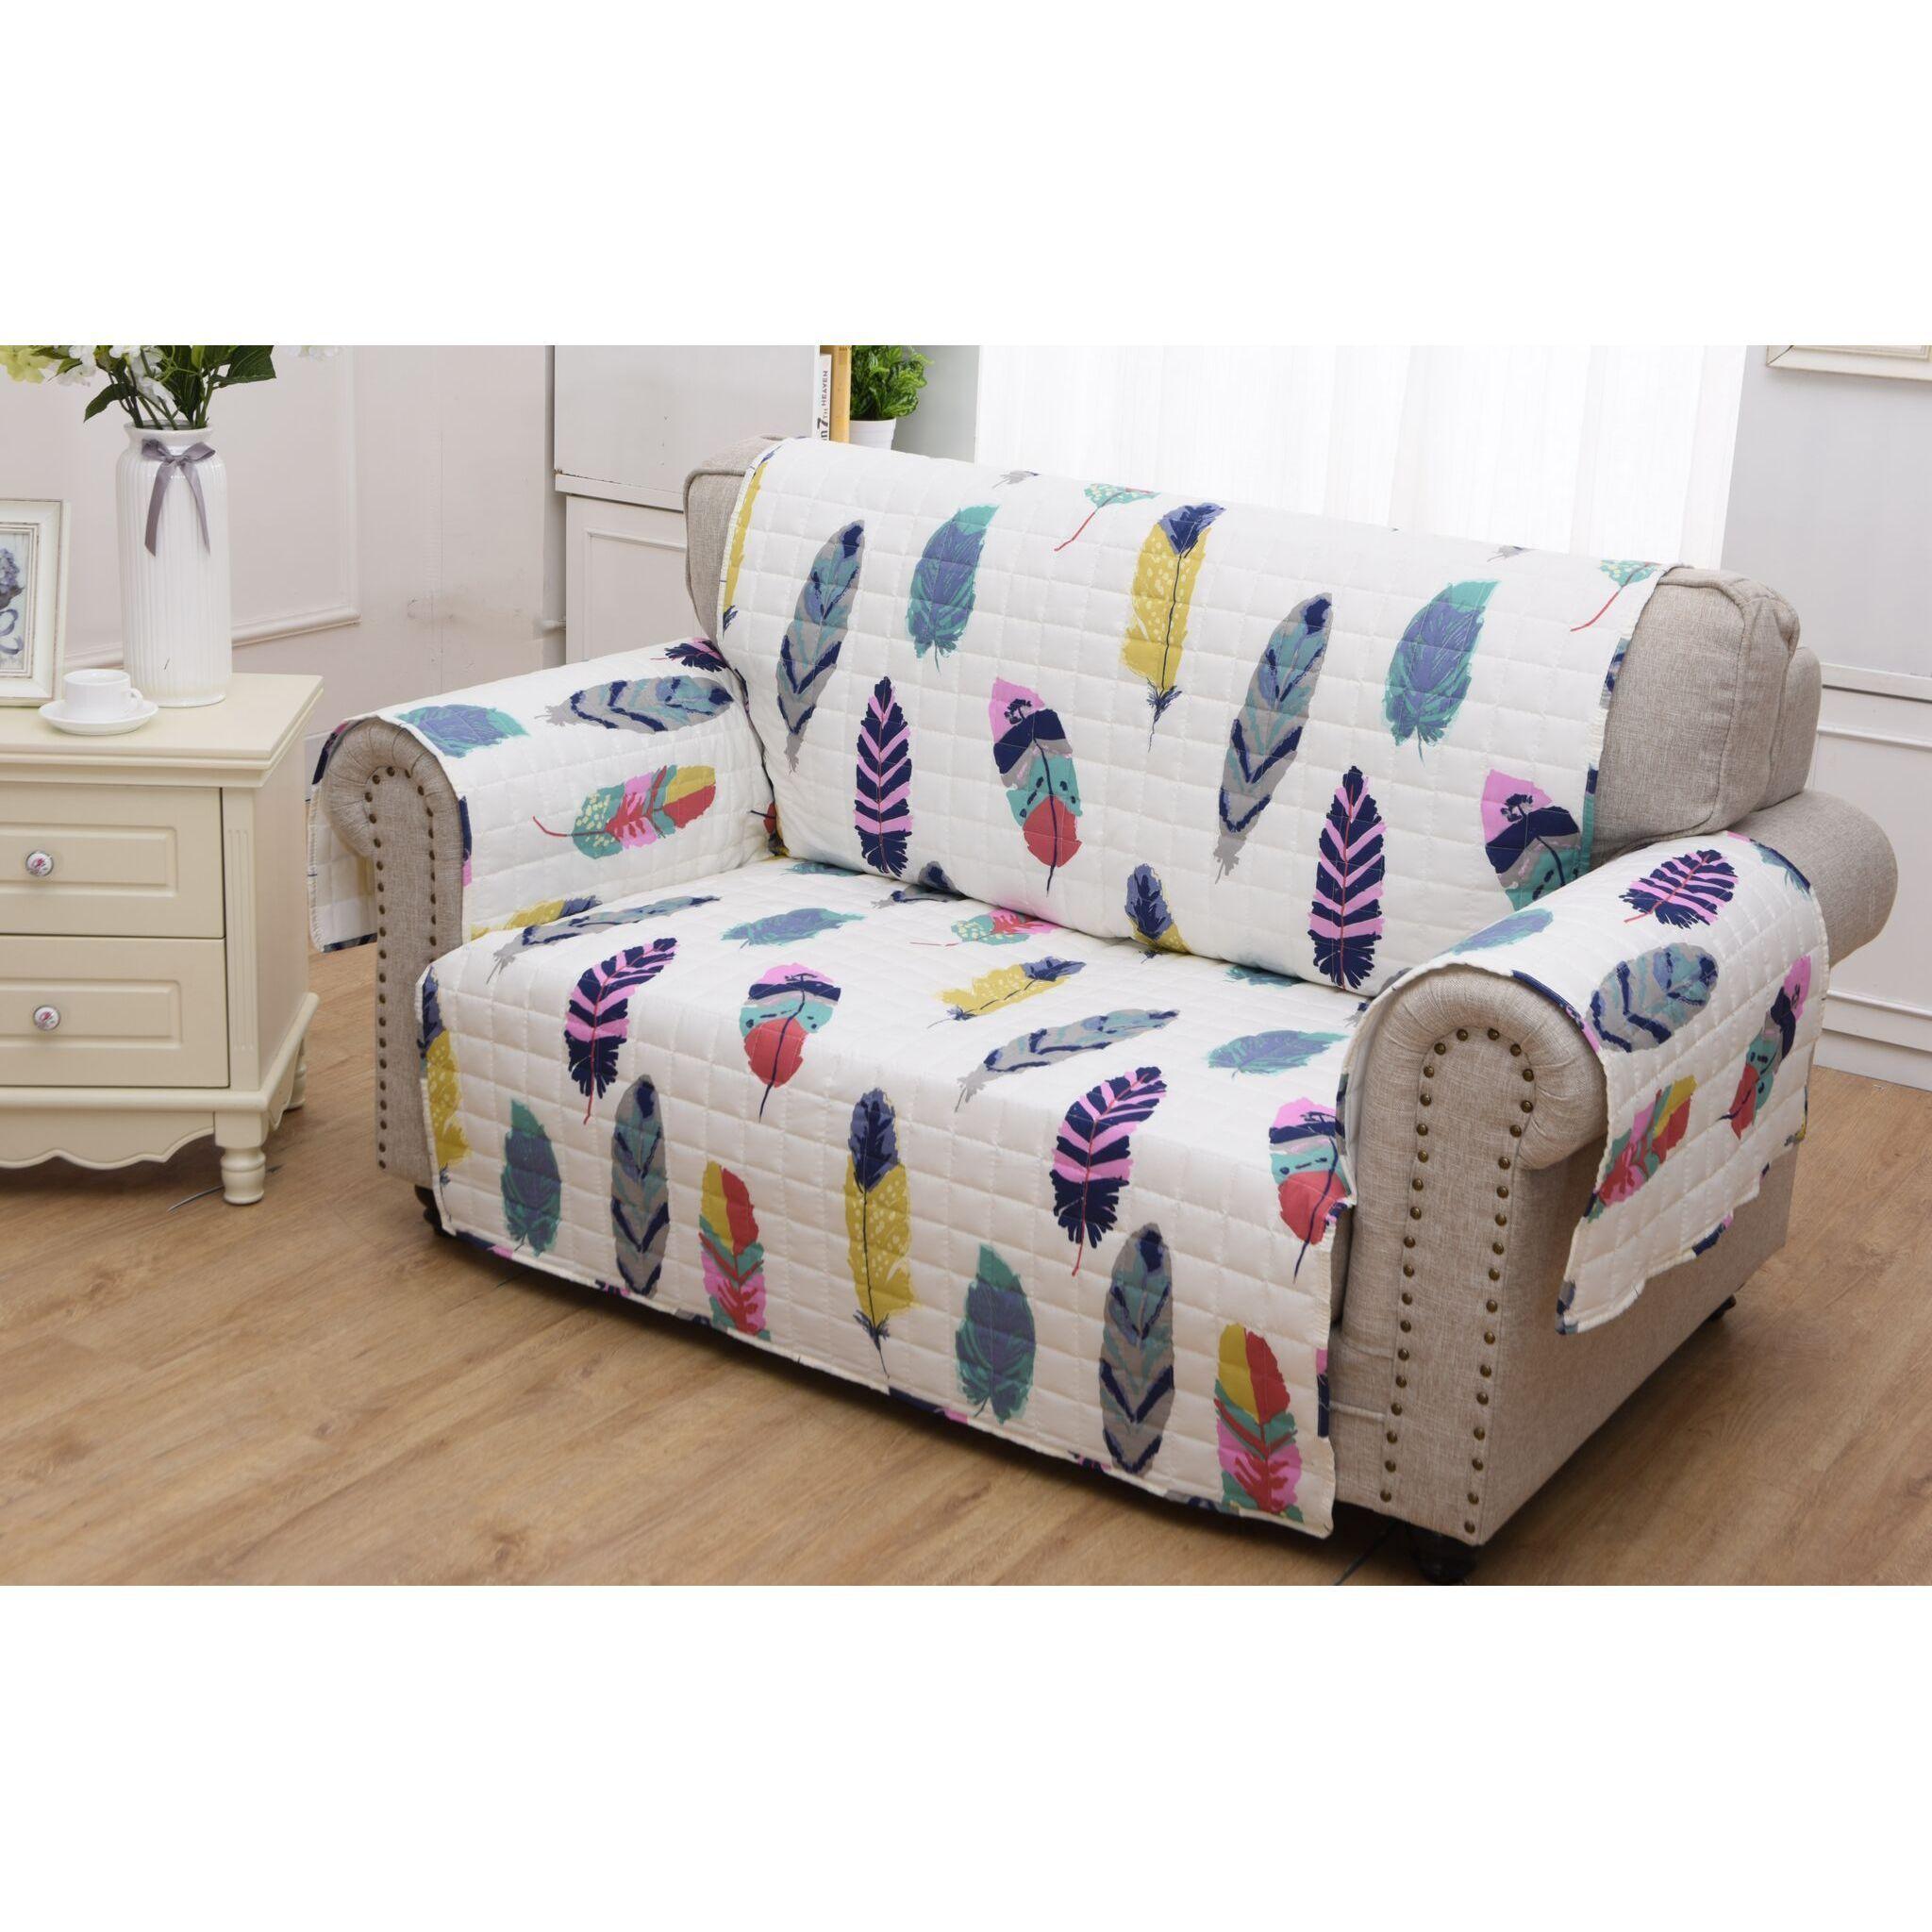 Astounding Dream Catcher Teal Furniture Protector Loveseat Short Links Chair Design For Home Short Linksinfo